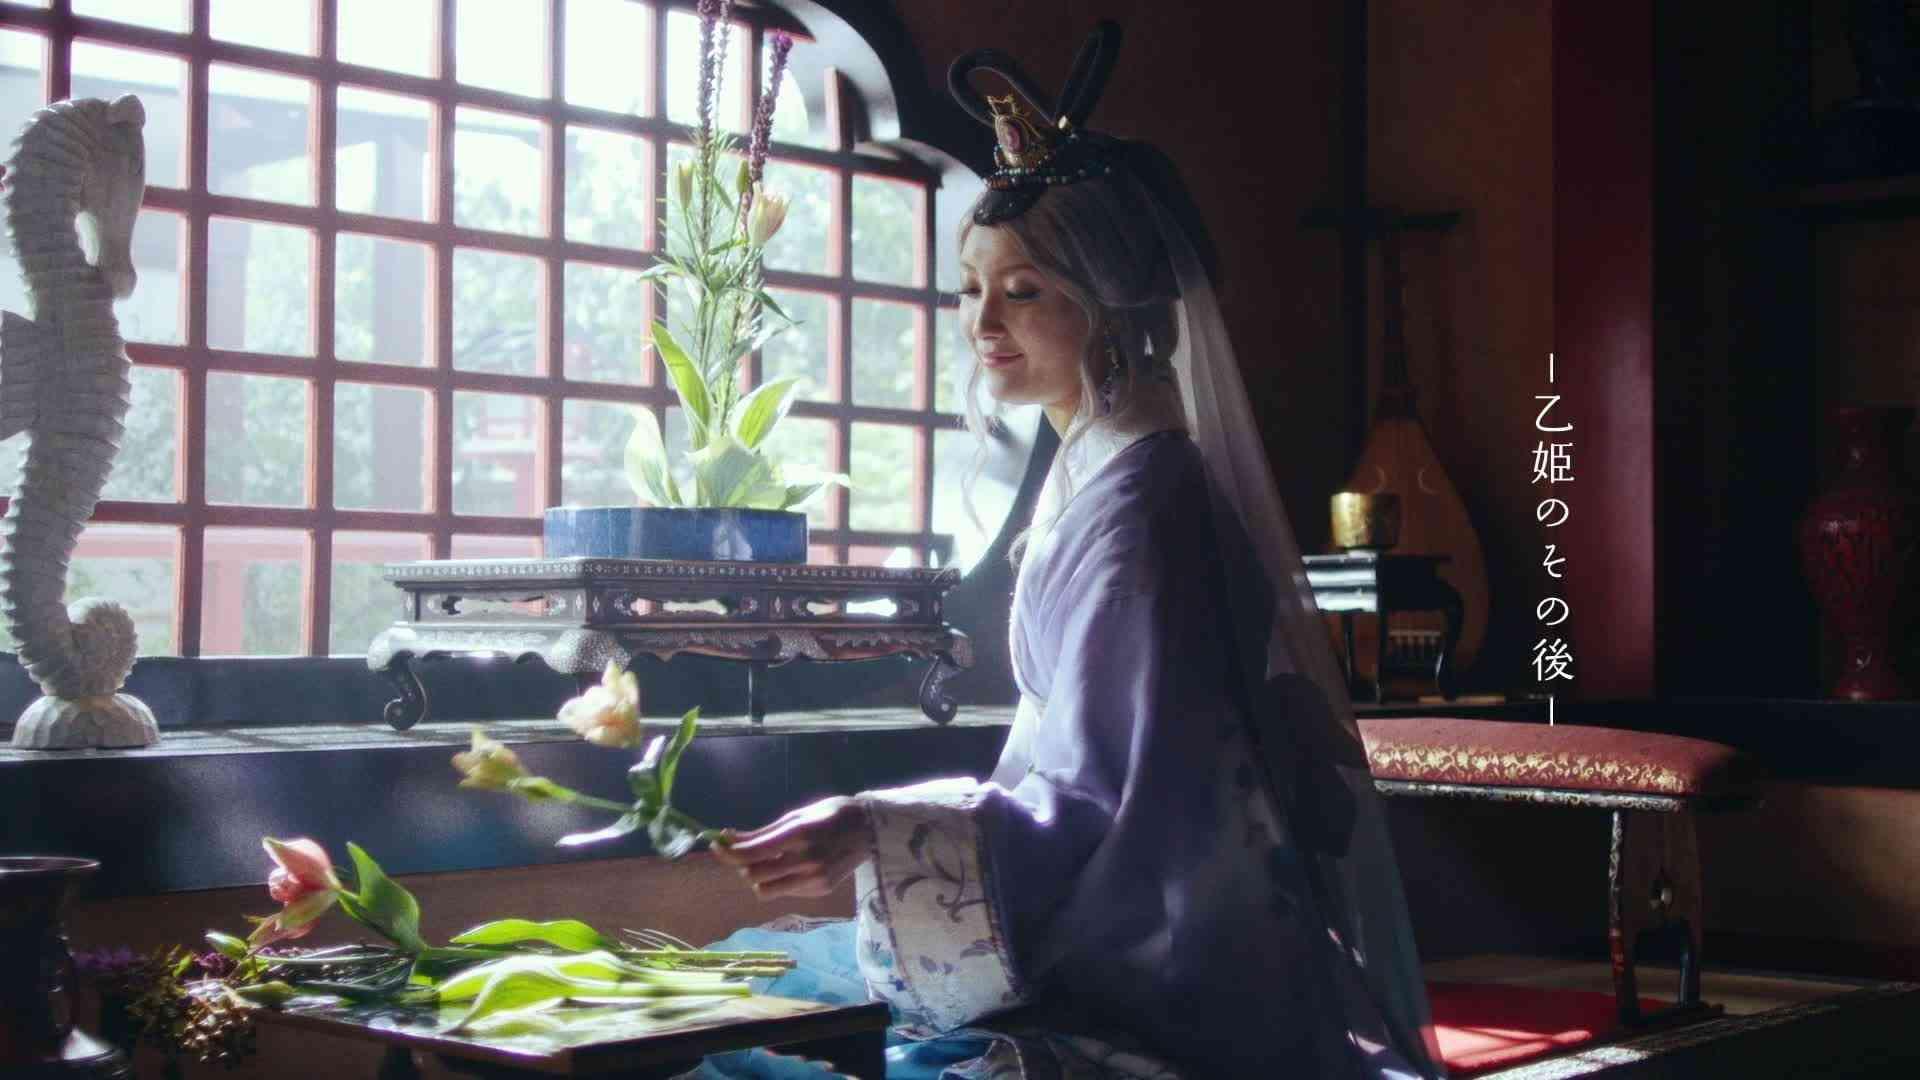 「未来の乙姫」篇 - YouTube